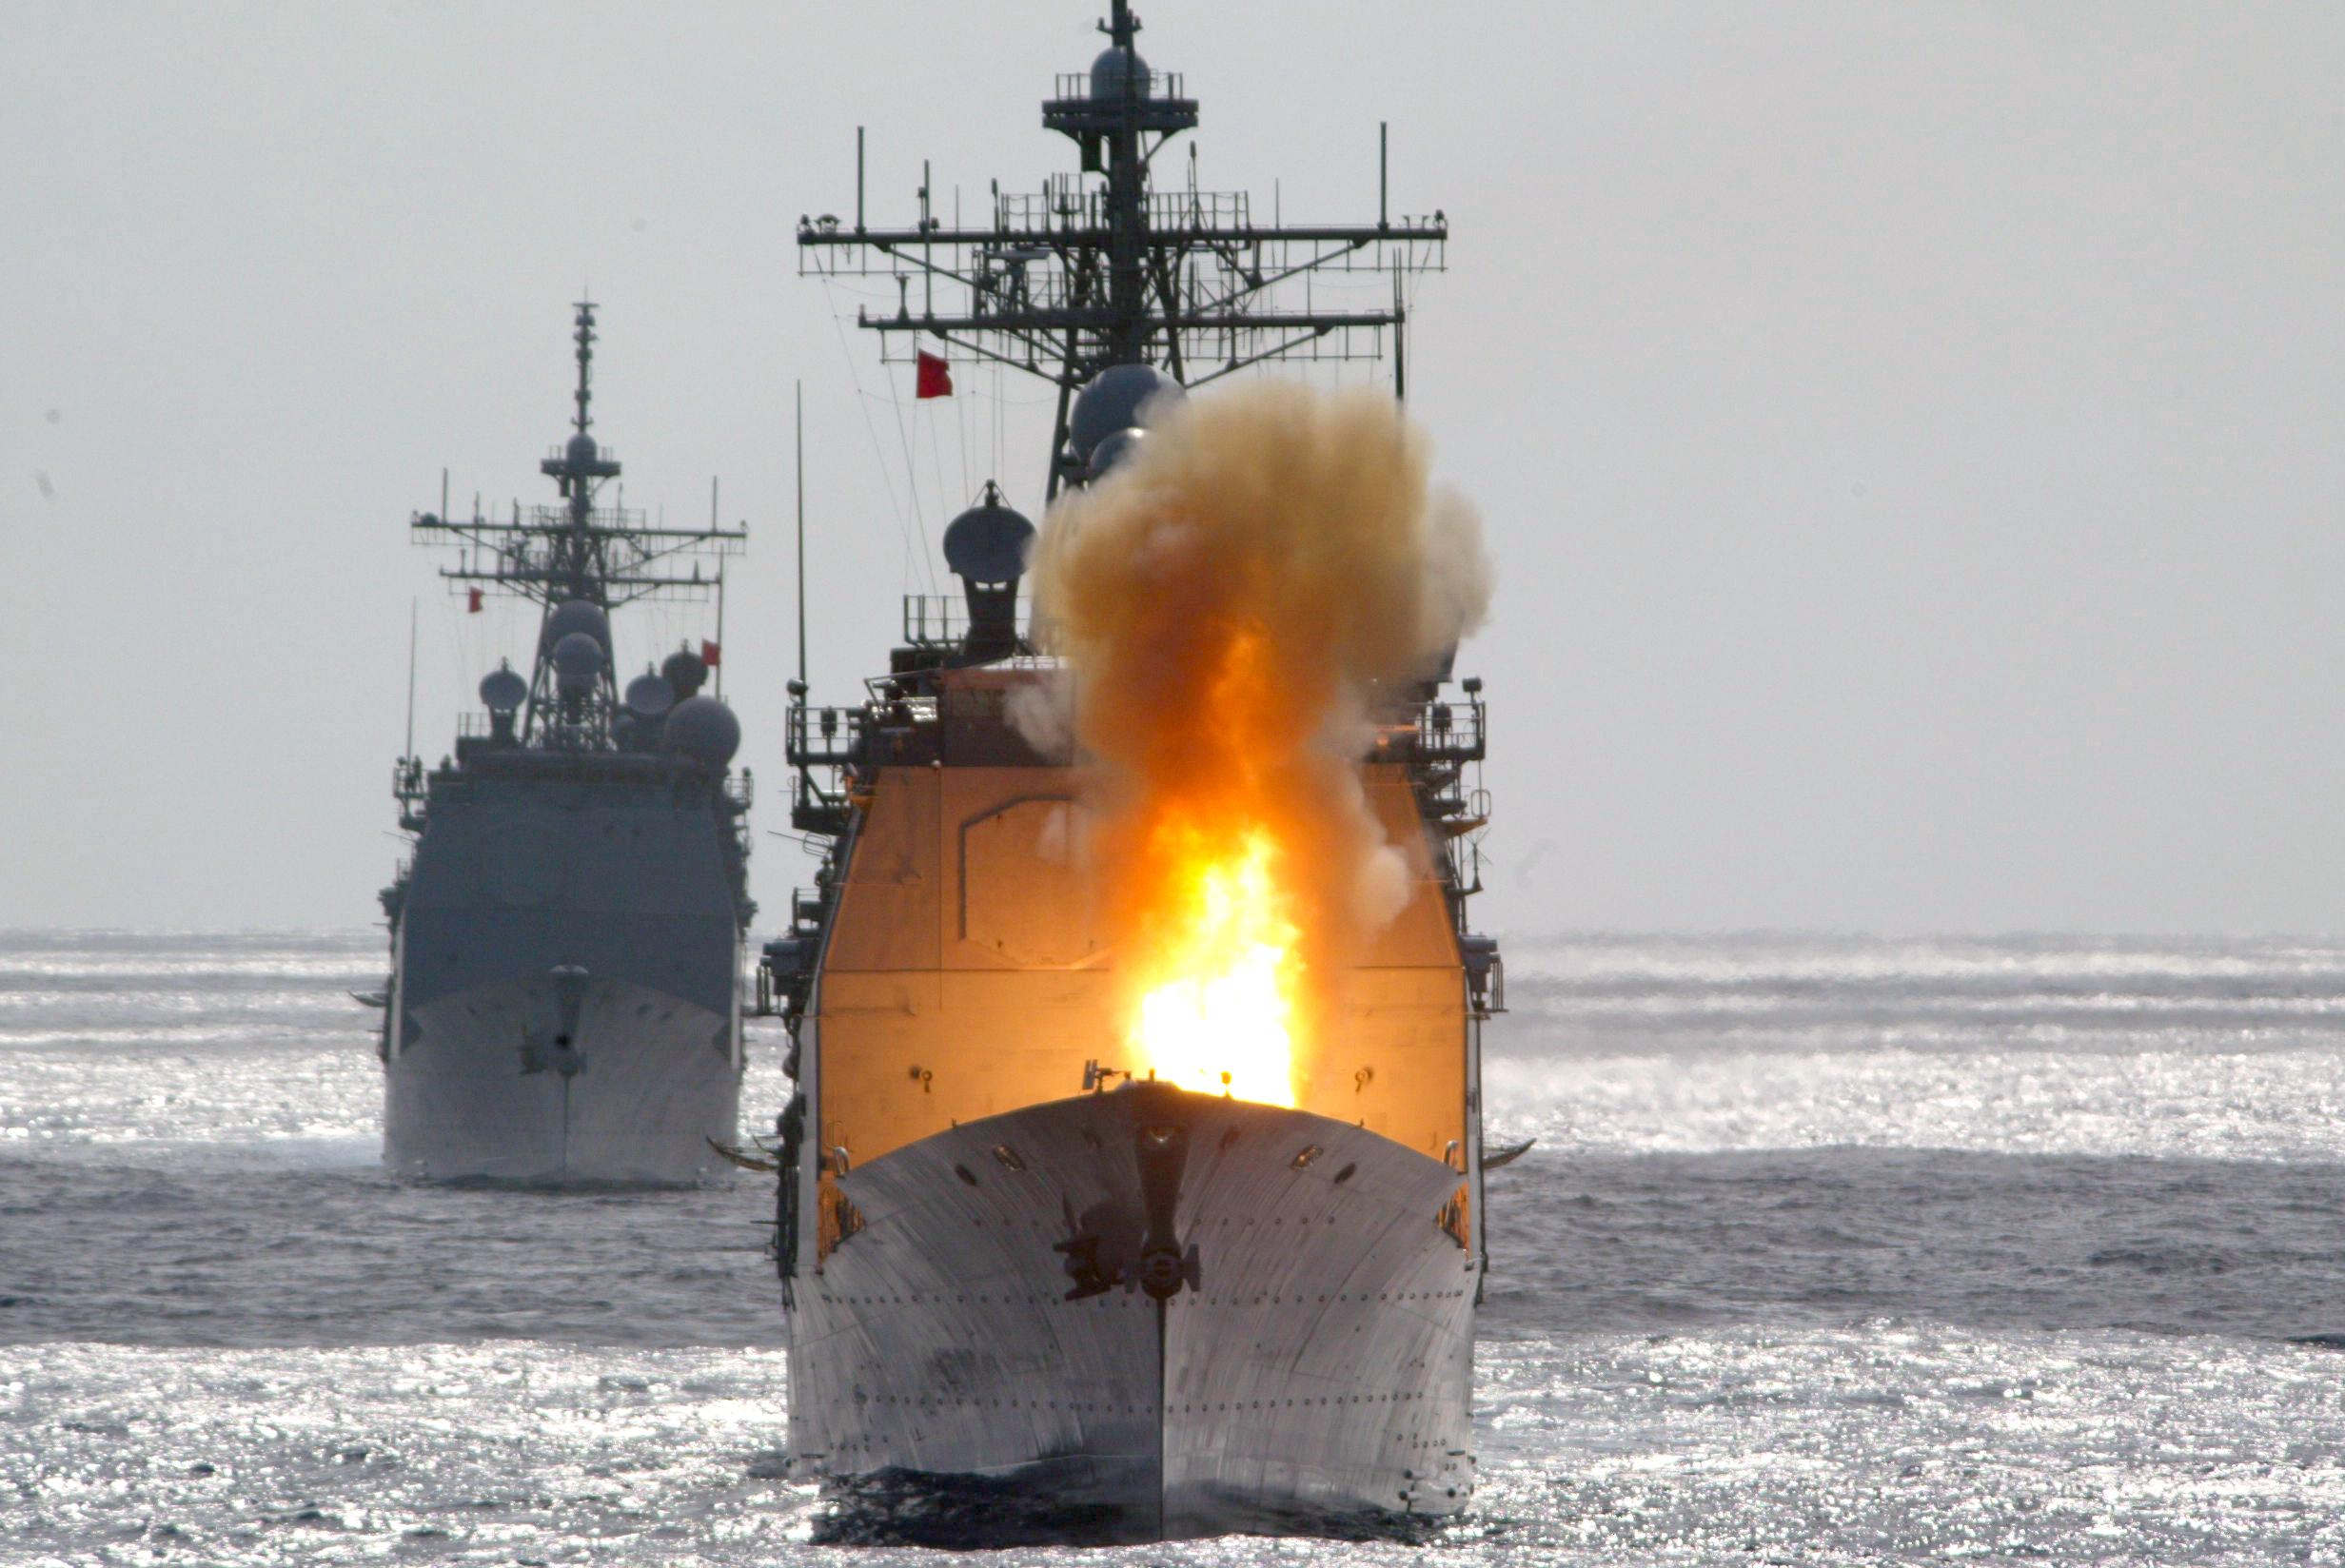 USS_Chancellorsville_(CG-62)_fires_a_standard_missile.jpg